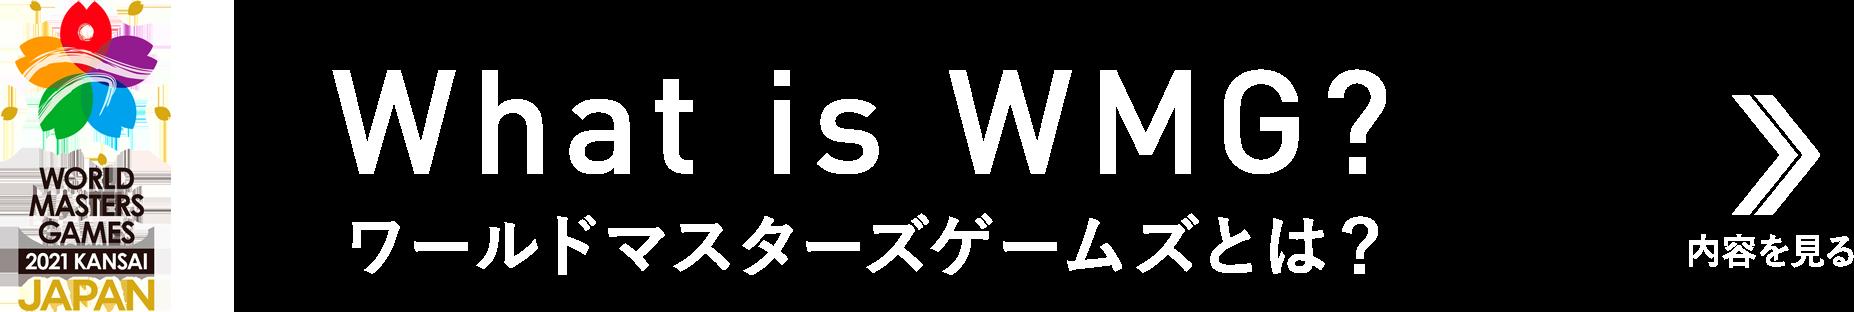 How to WMG? ワールドゲームズマスターズとは?